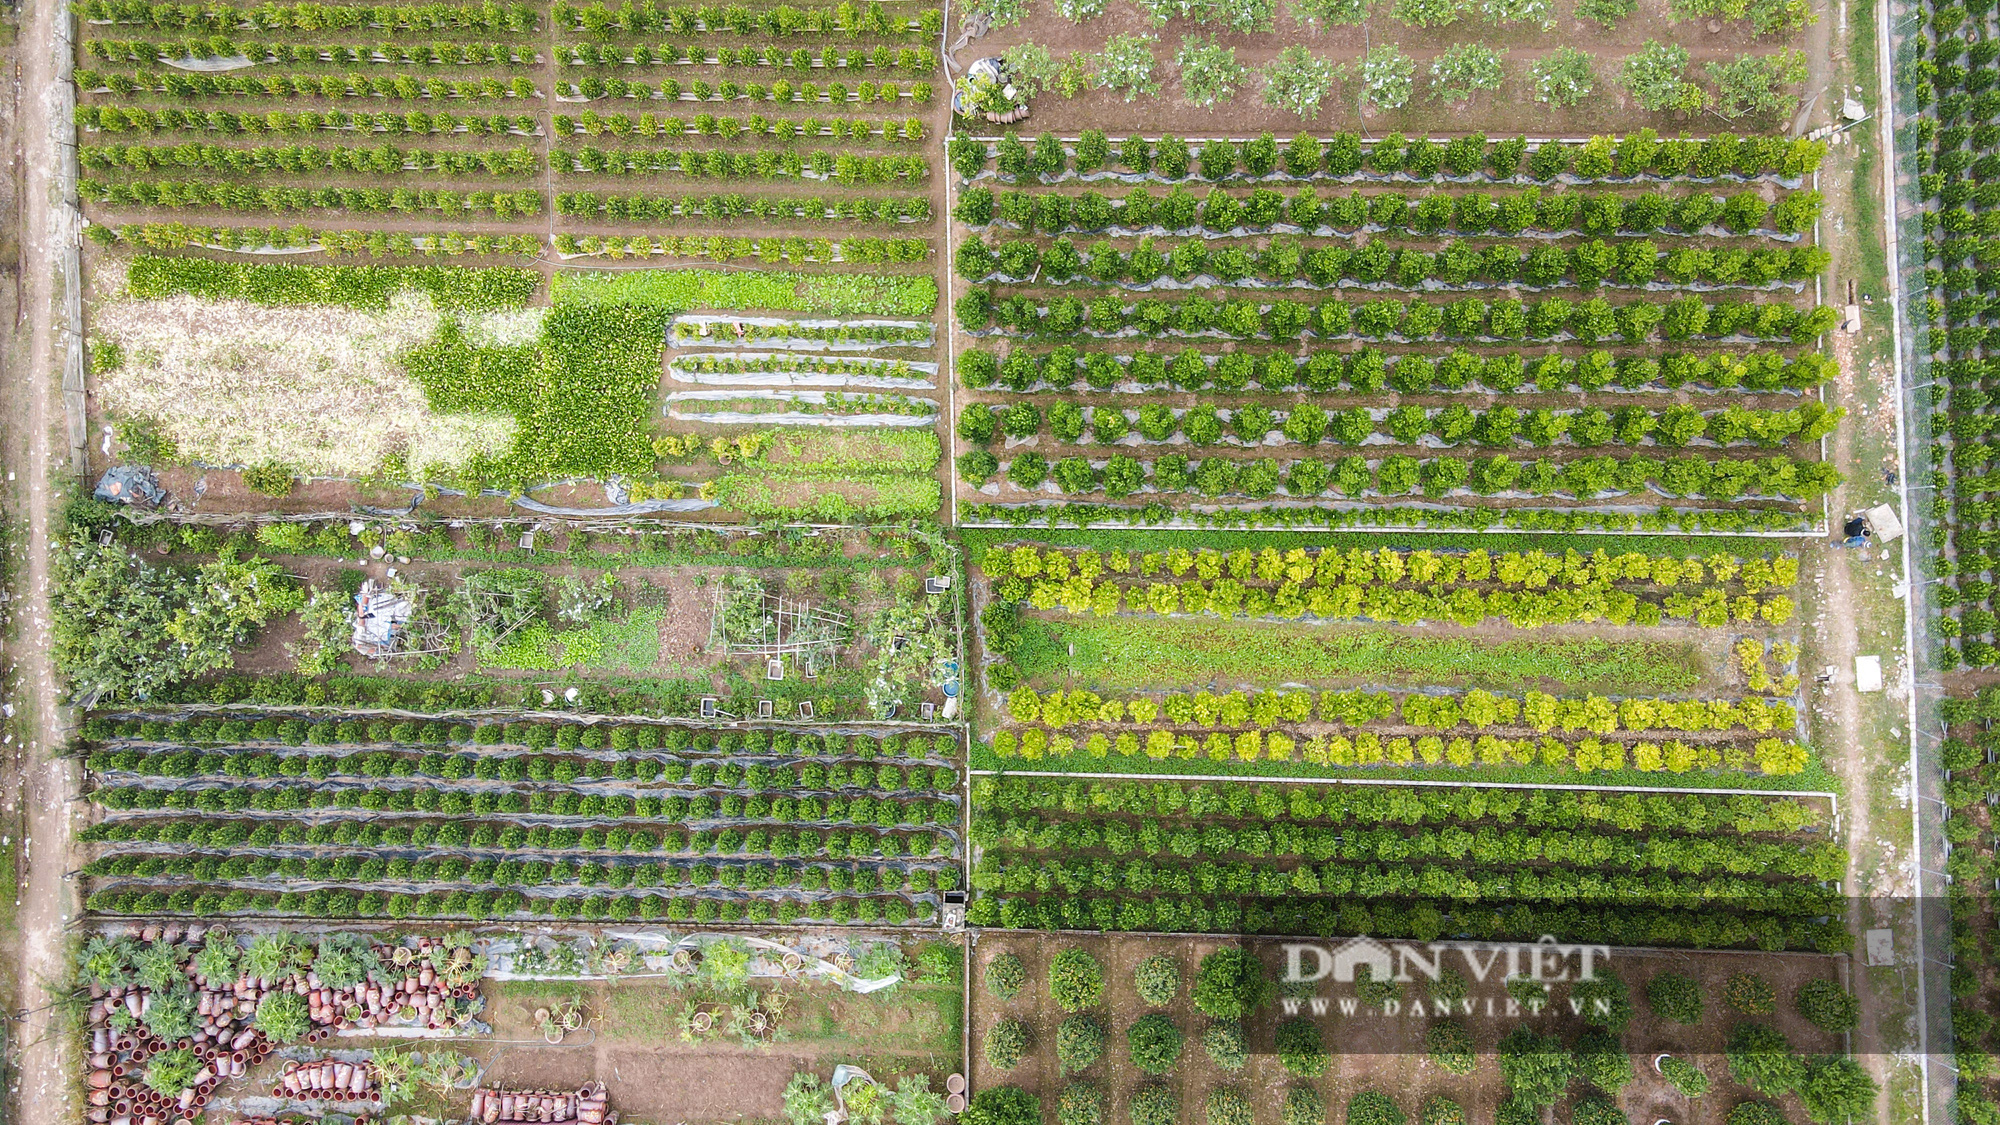 Quýt cảnh giảm giá sâu người trồng ngậm ngùi chịu lỗ - Ảnh 3.